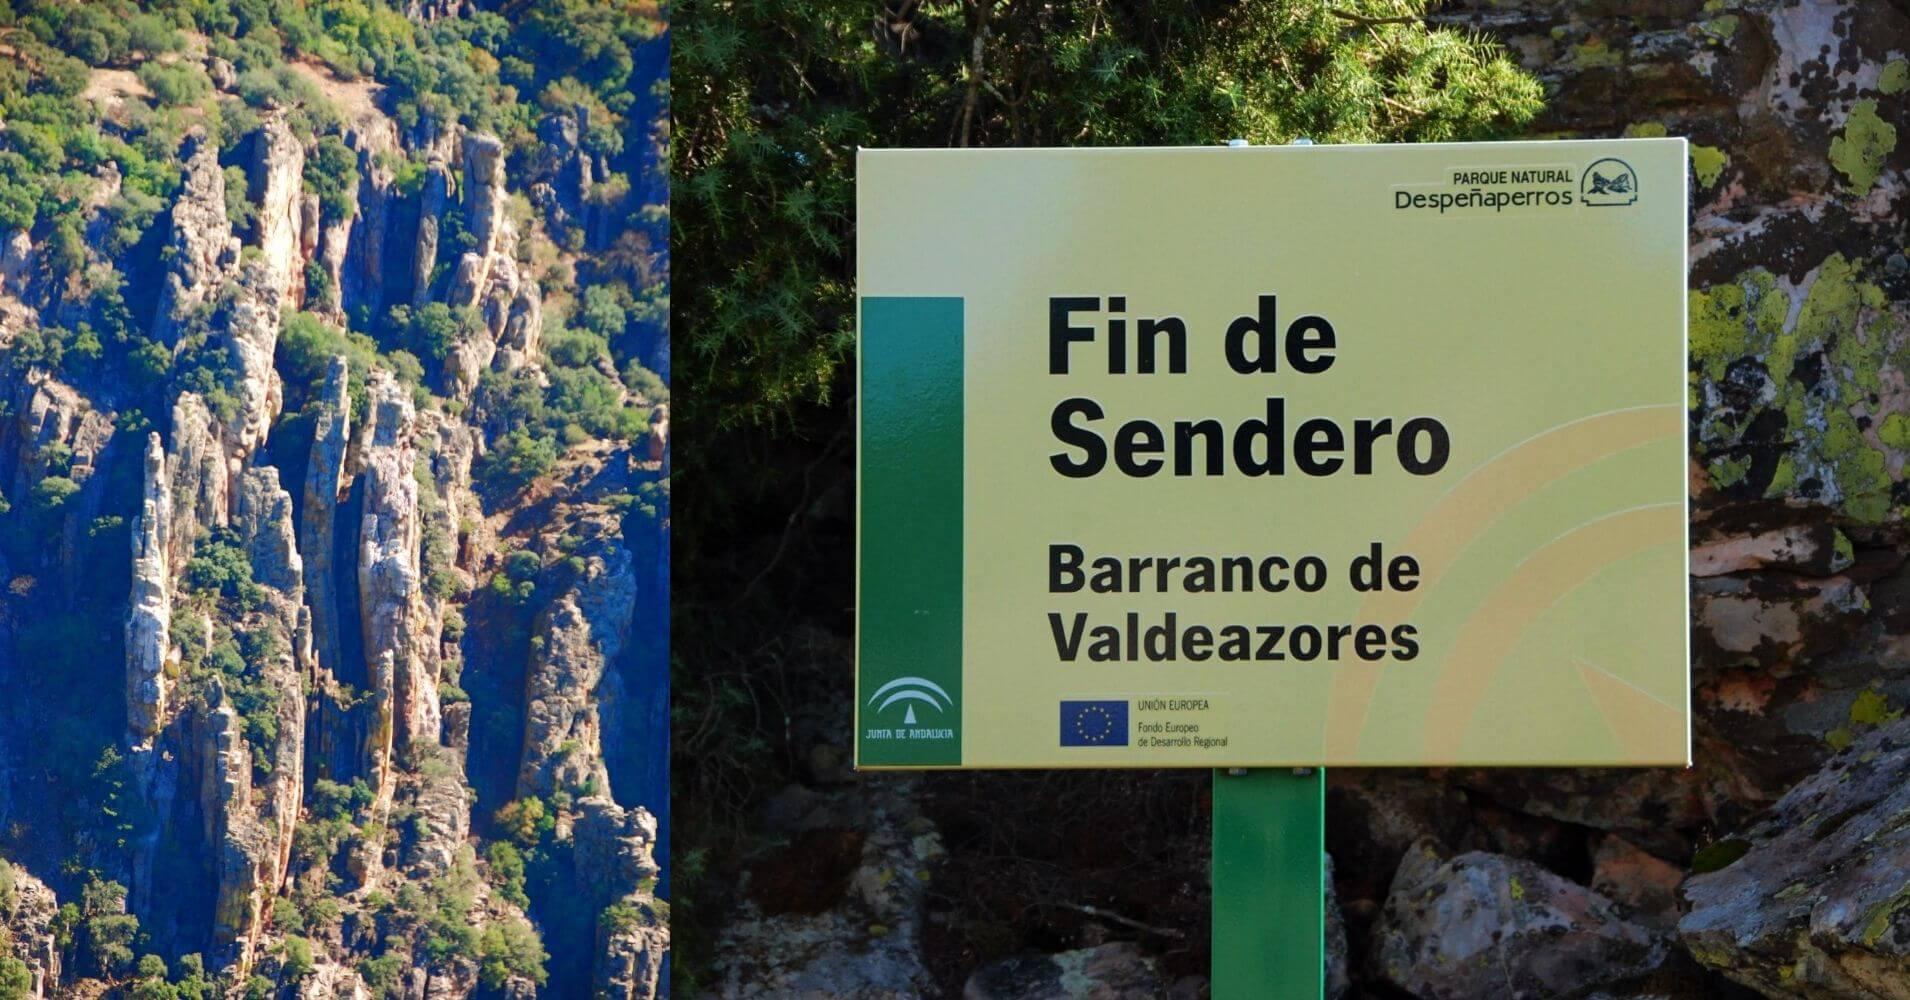 Parque Natural de Despeñaperros. Barranco de Valdeazores. Jaén.